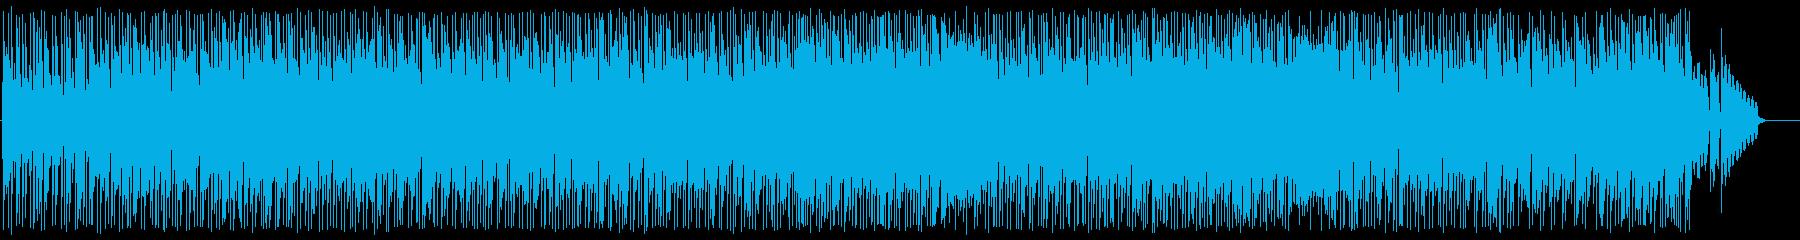 お洒落でスピード感あるメロディーの再生済みの波形